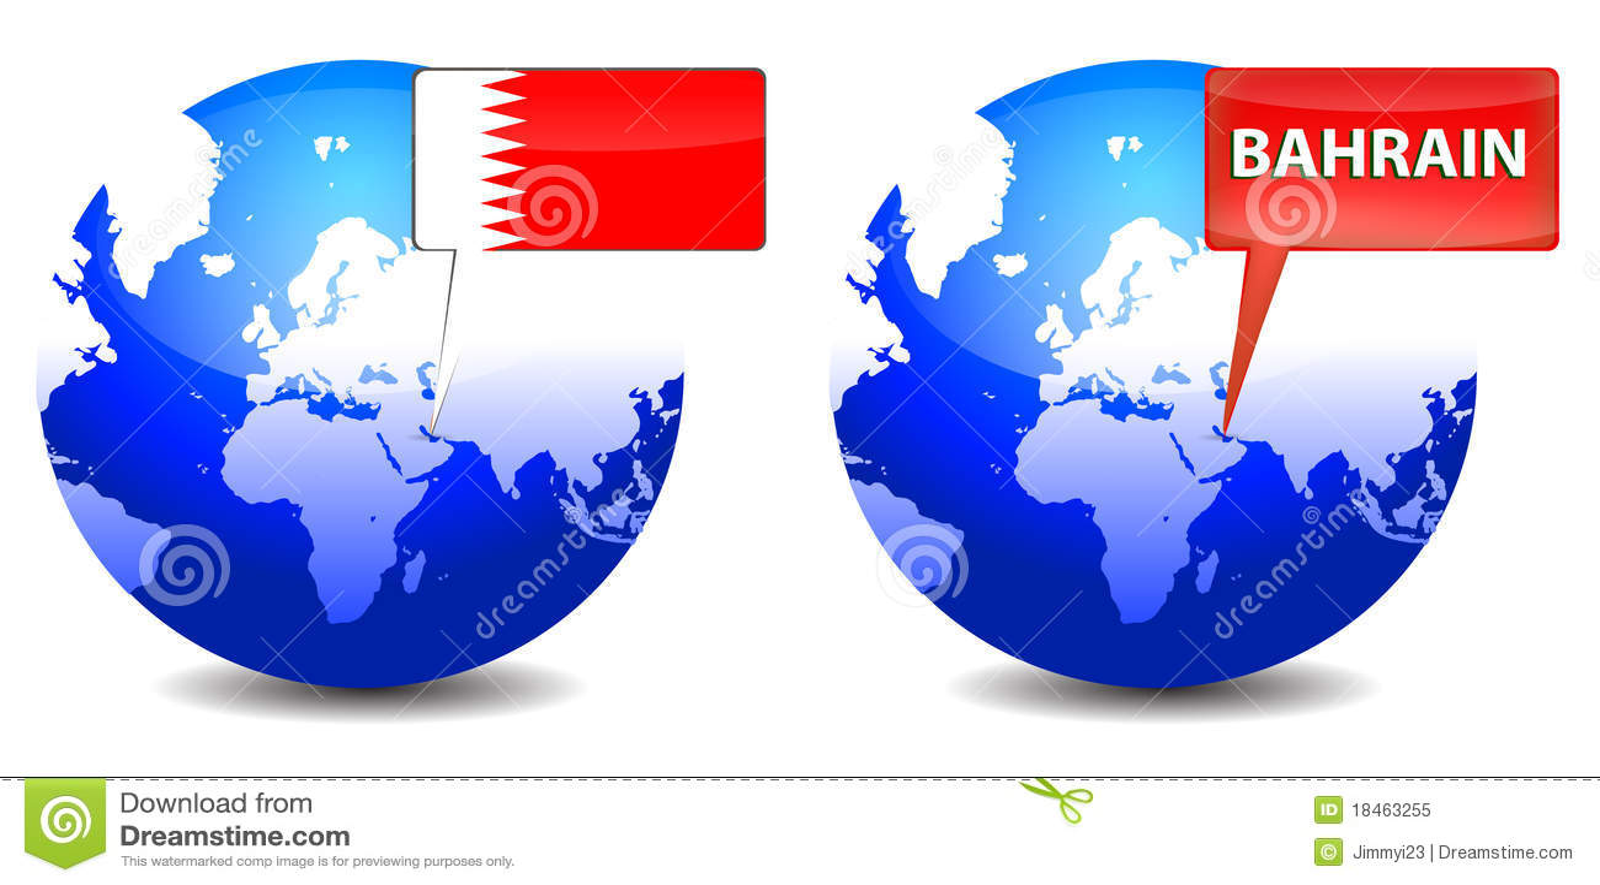 Kugel mit Bahrain-Zeichen